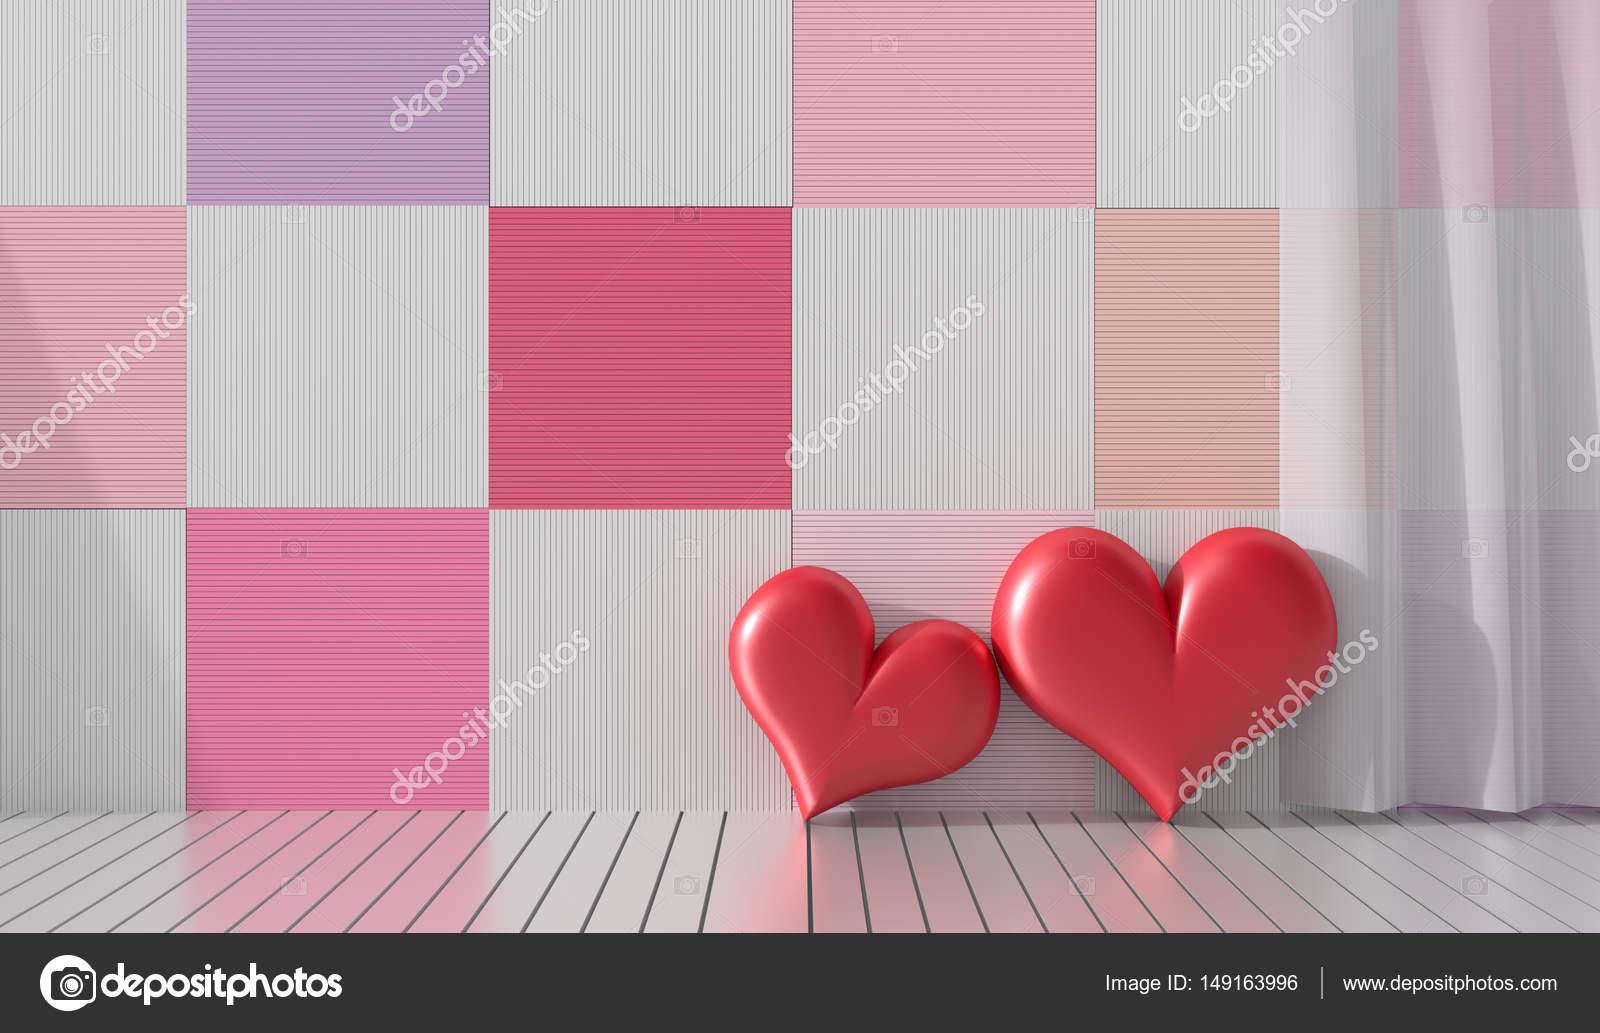 Zwei Rote Herzen In Den Raum. Die Hölzernen Wände Zieren Mit Hellen Farben  Und Vielfalt. Zimmer Der Liebe Am Valentinstag. Hintergrund Und Interieur.